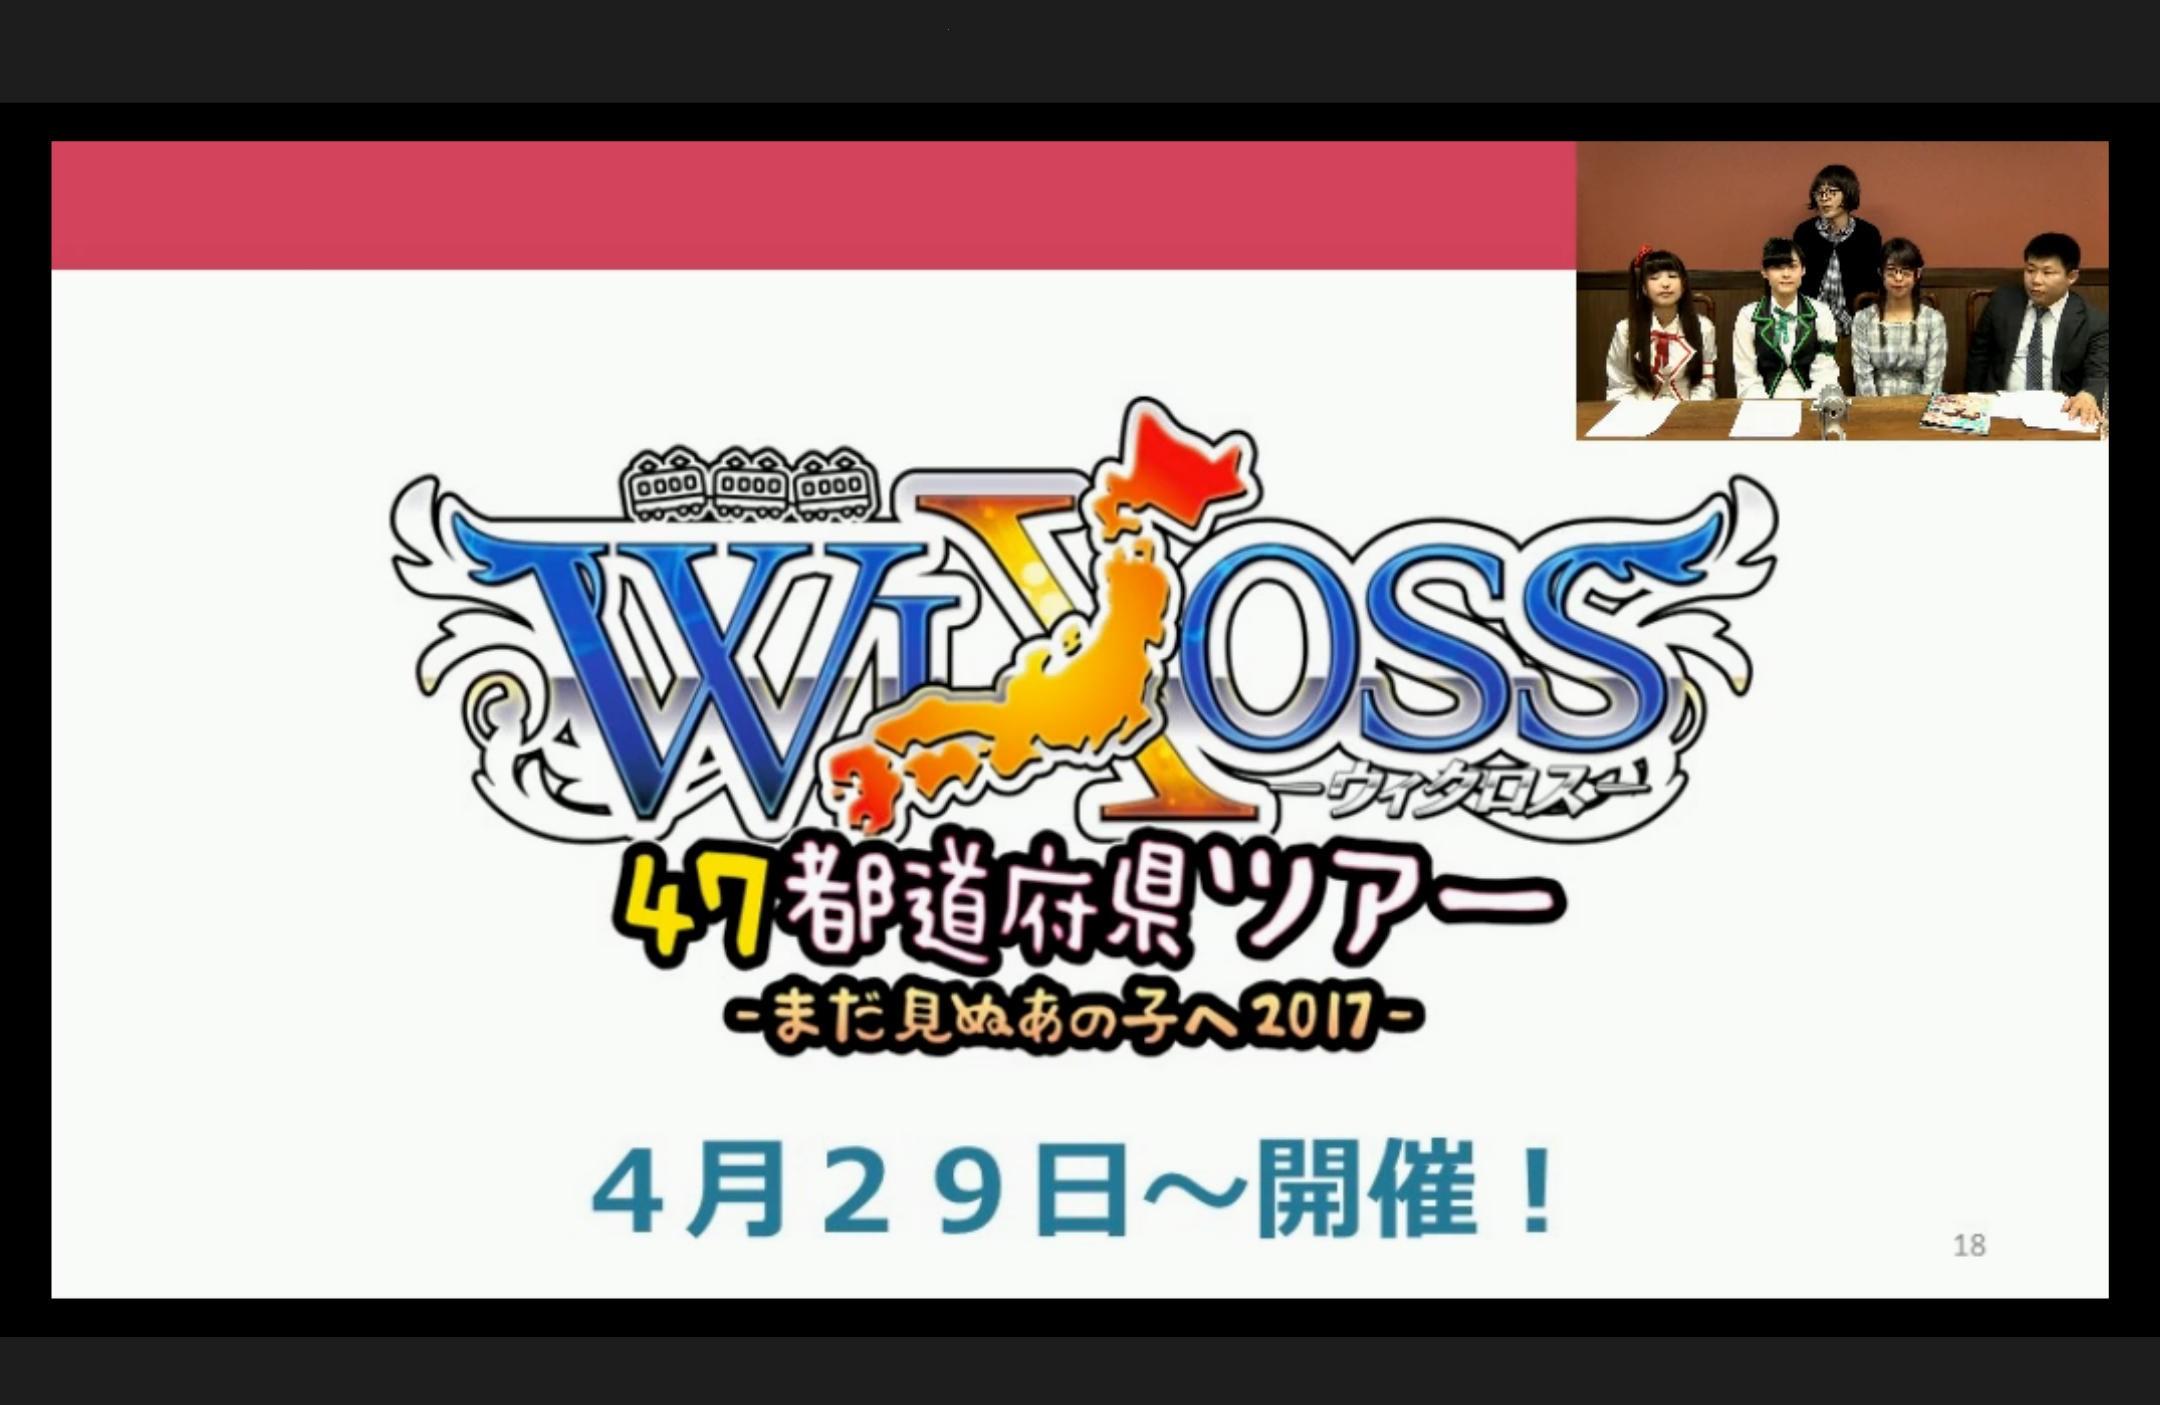 wixoss-live-170329-019.jpg